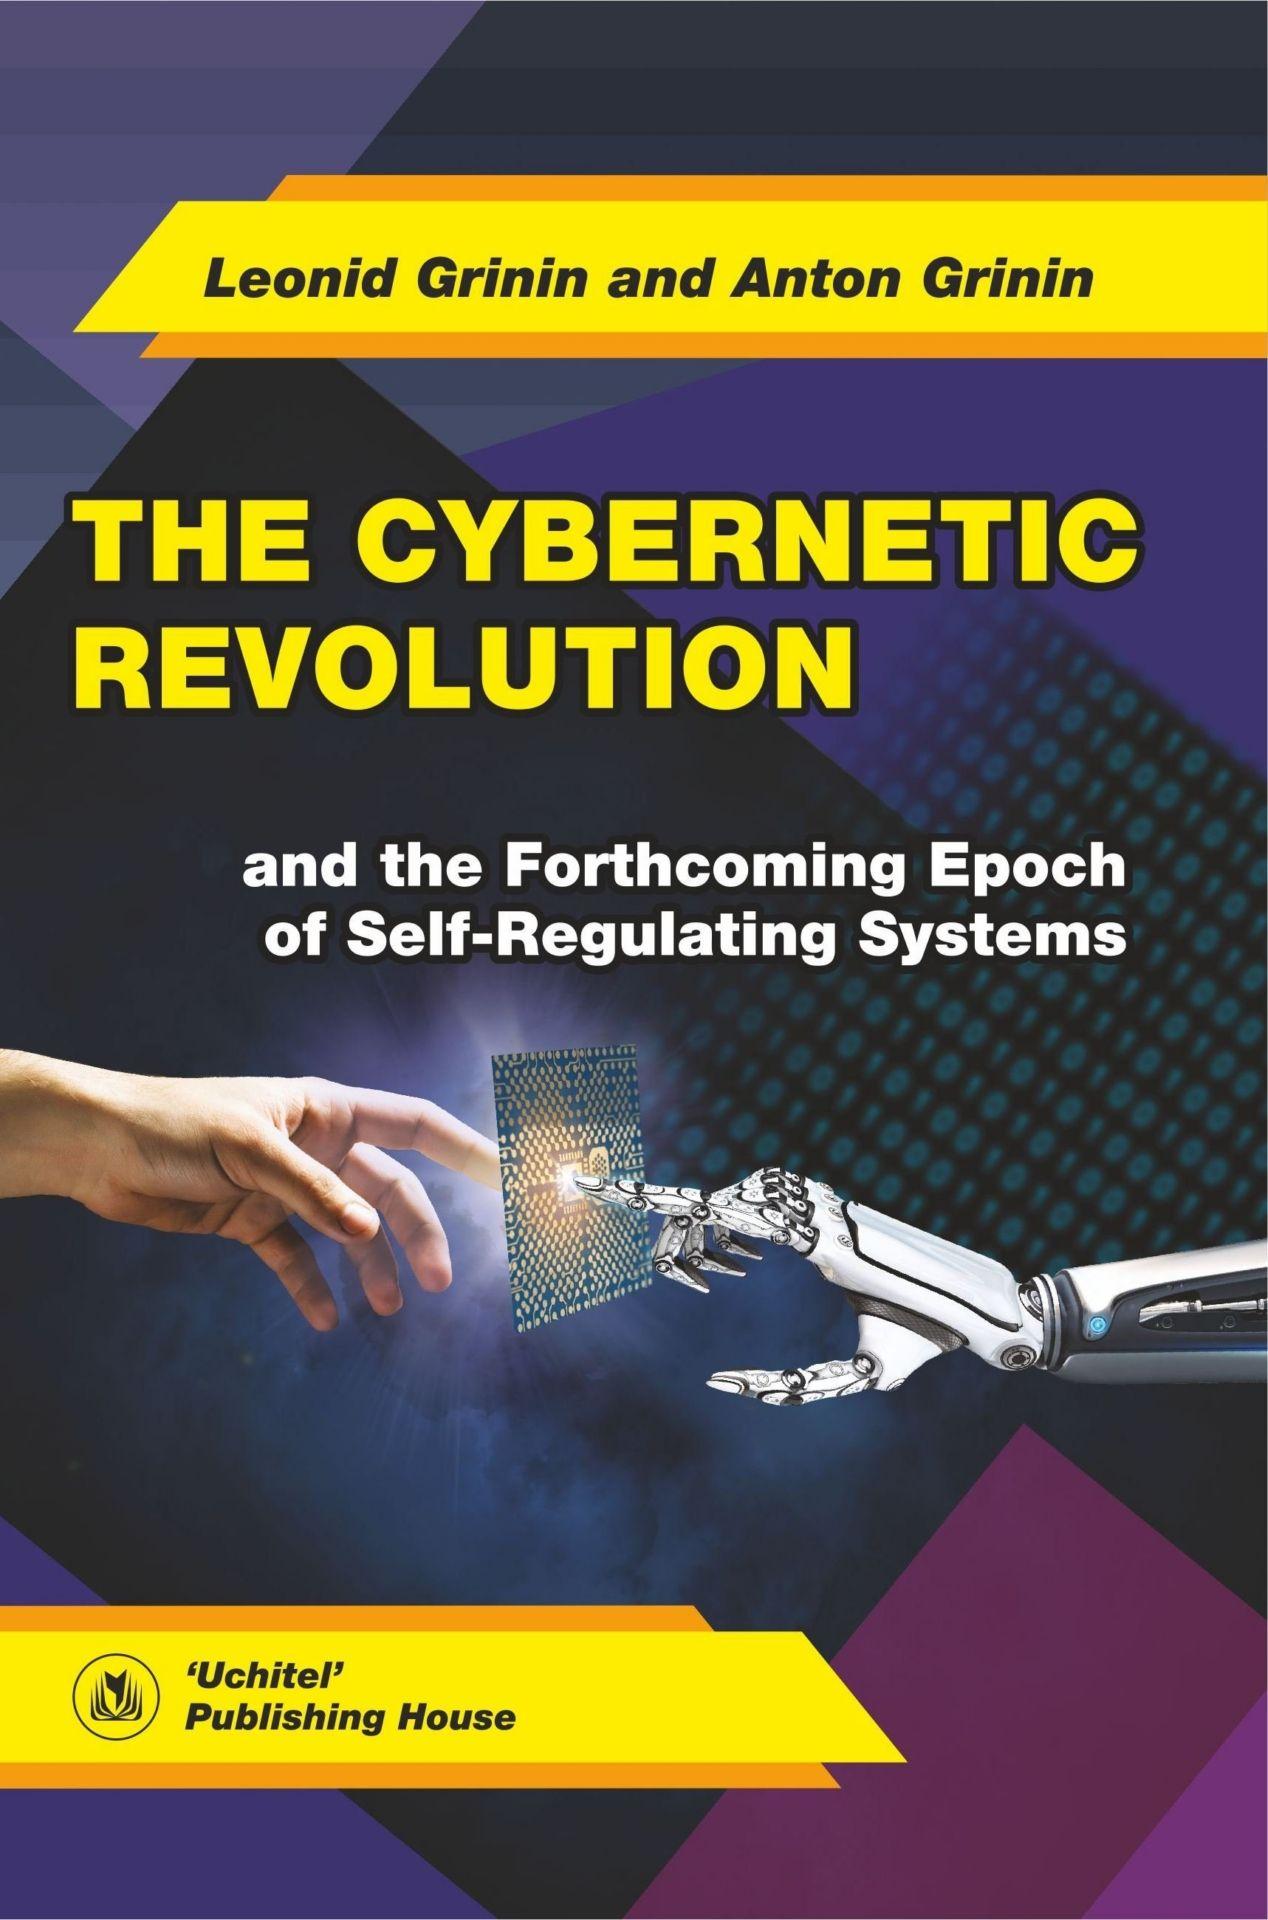 The Cybernetic Revolution and the Forthcoming Epoch of Self-Regulating SystemsВУЗ<br>Монографи представлет идеи о главных изменених в развитии технологий, произошедших начина с повлени Homo sapiens и до настощего времени, а также описывает контуры и перспективы их развити в последущие 30-60 лет, а в некоторых аспектах - до конца ...<br><br>Авторы: Leonid E. Grinin, Anton Grinin<br>Год: 2016<br>Сери: Дл студентов и преподавателей<br>ISBN: 978-5-7057-4877-8<br>Высота: 213<br>Ширина: 140<br>Толщина: 11<br>Переплёт: мгка, склейка